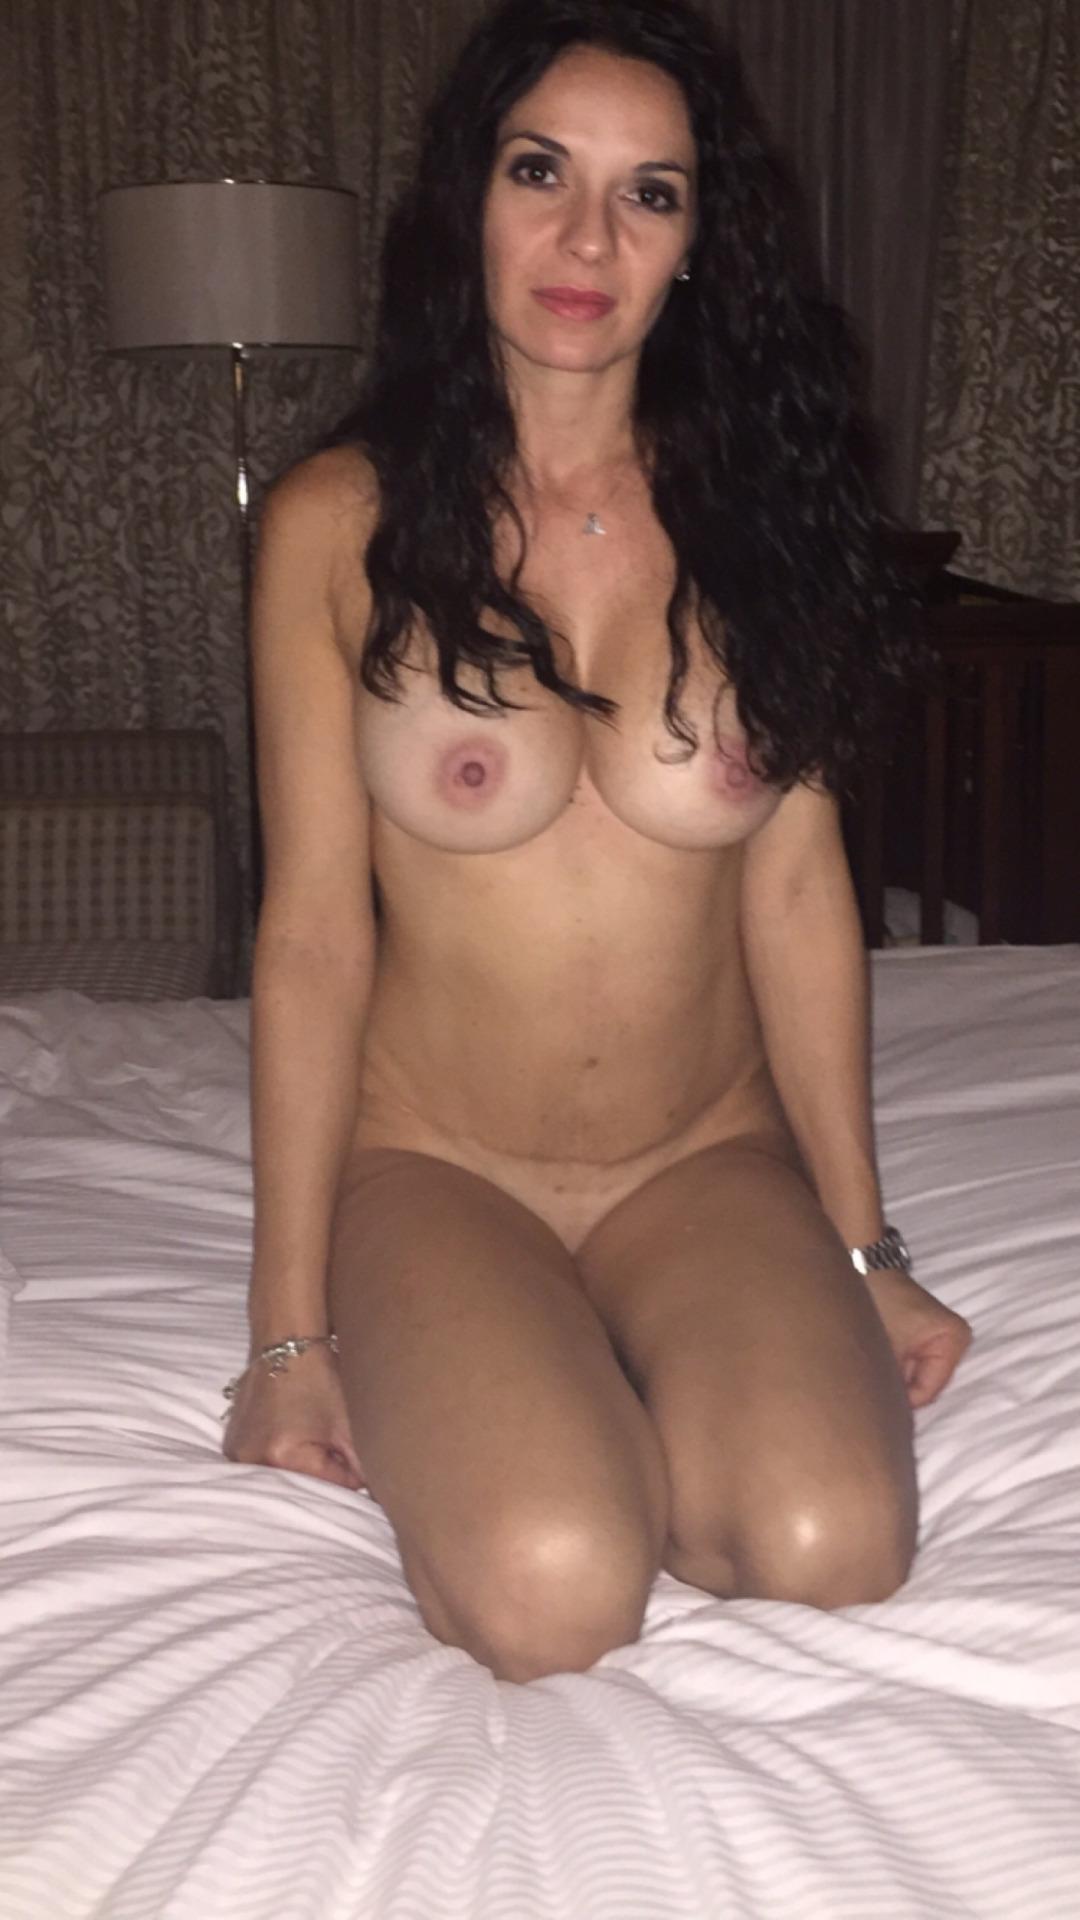 maman nue en photo sexe  063